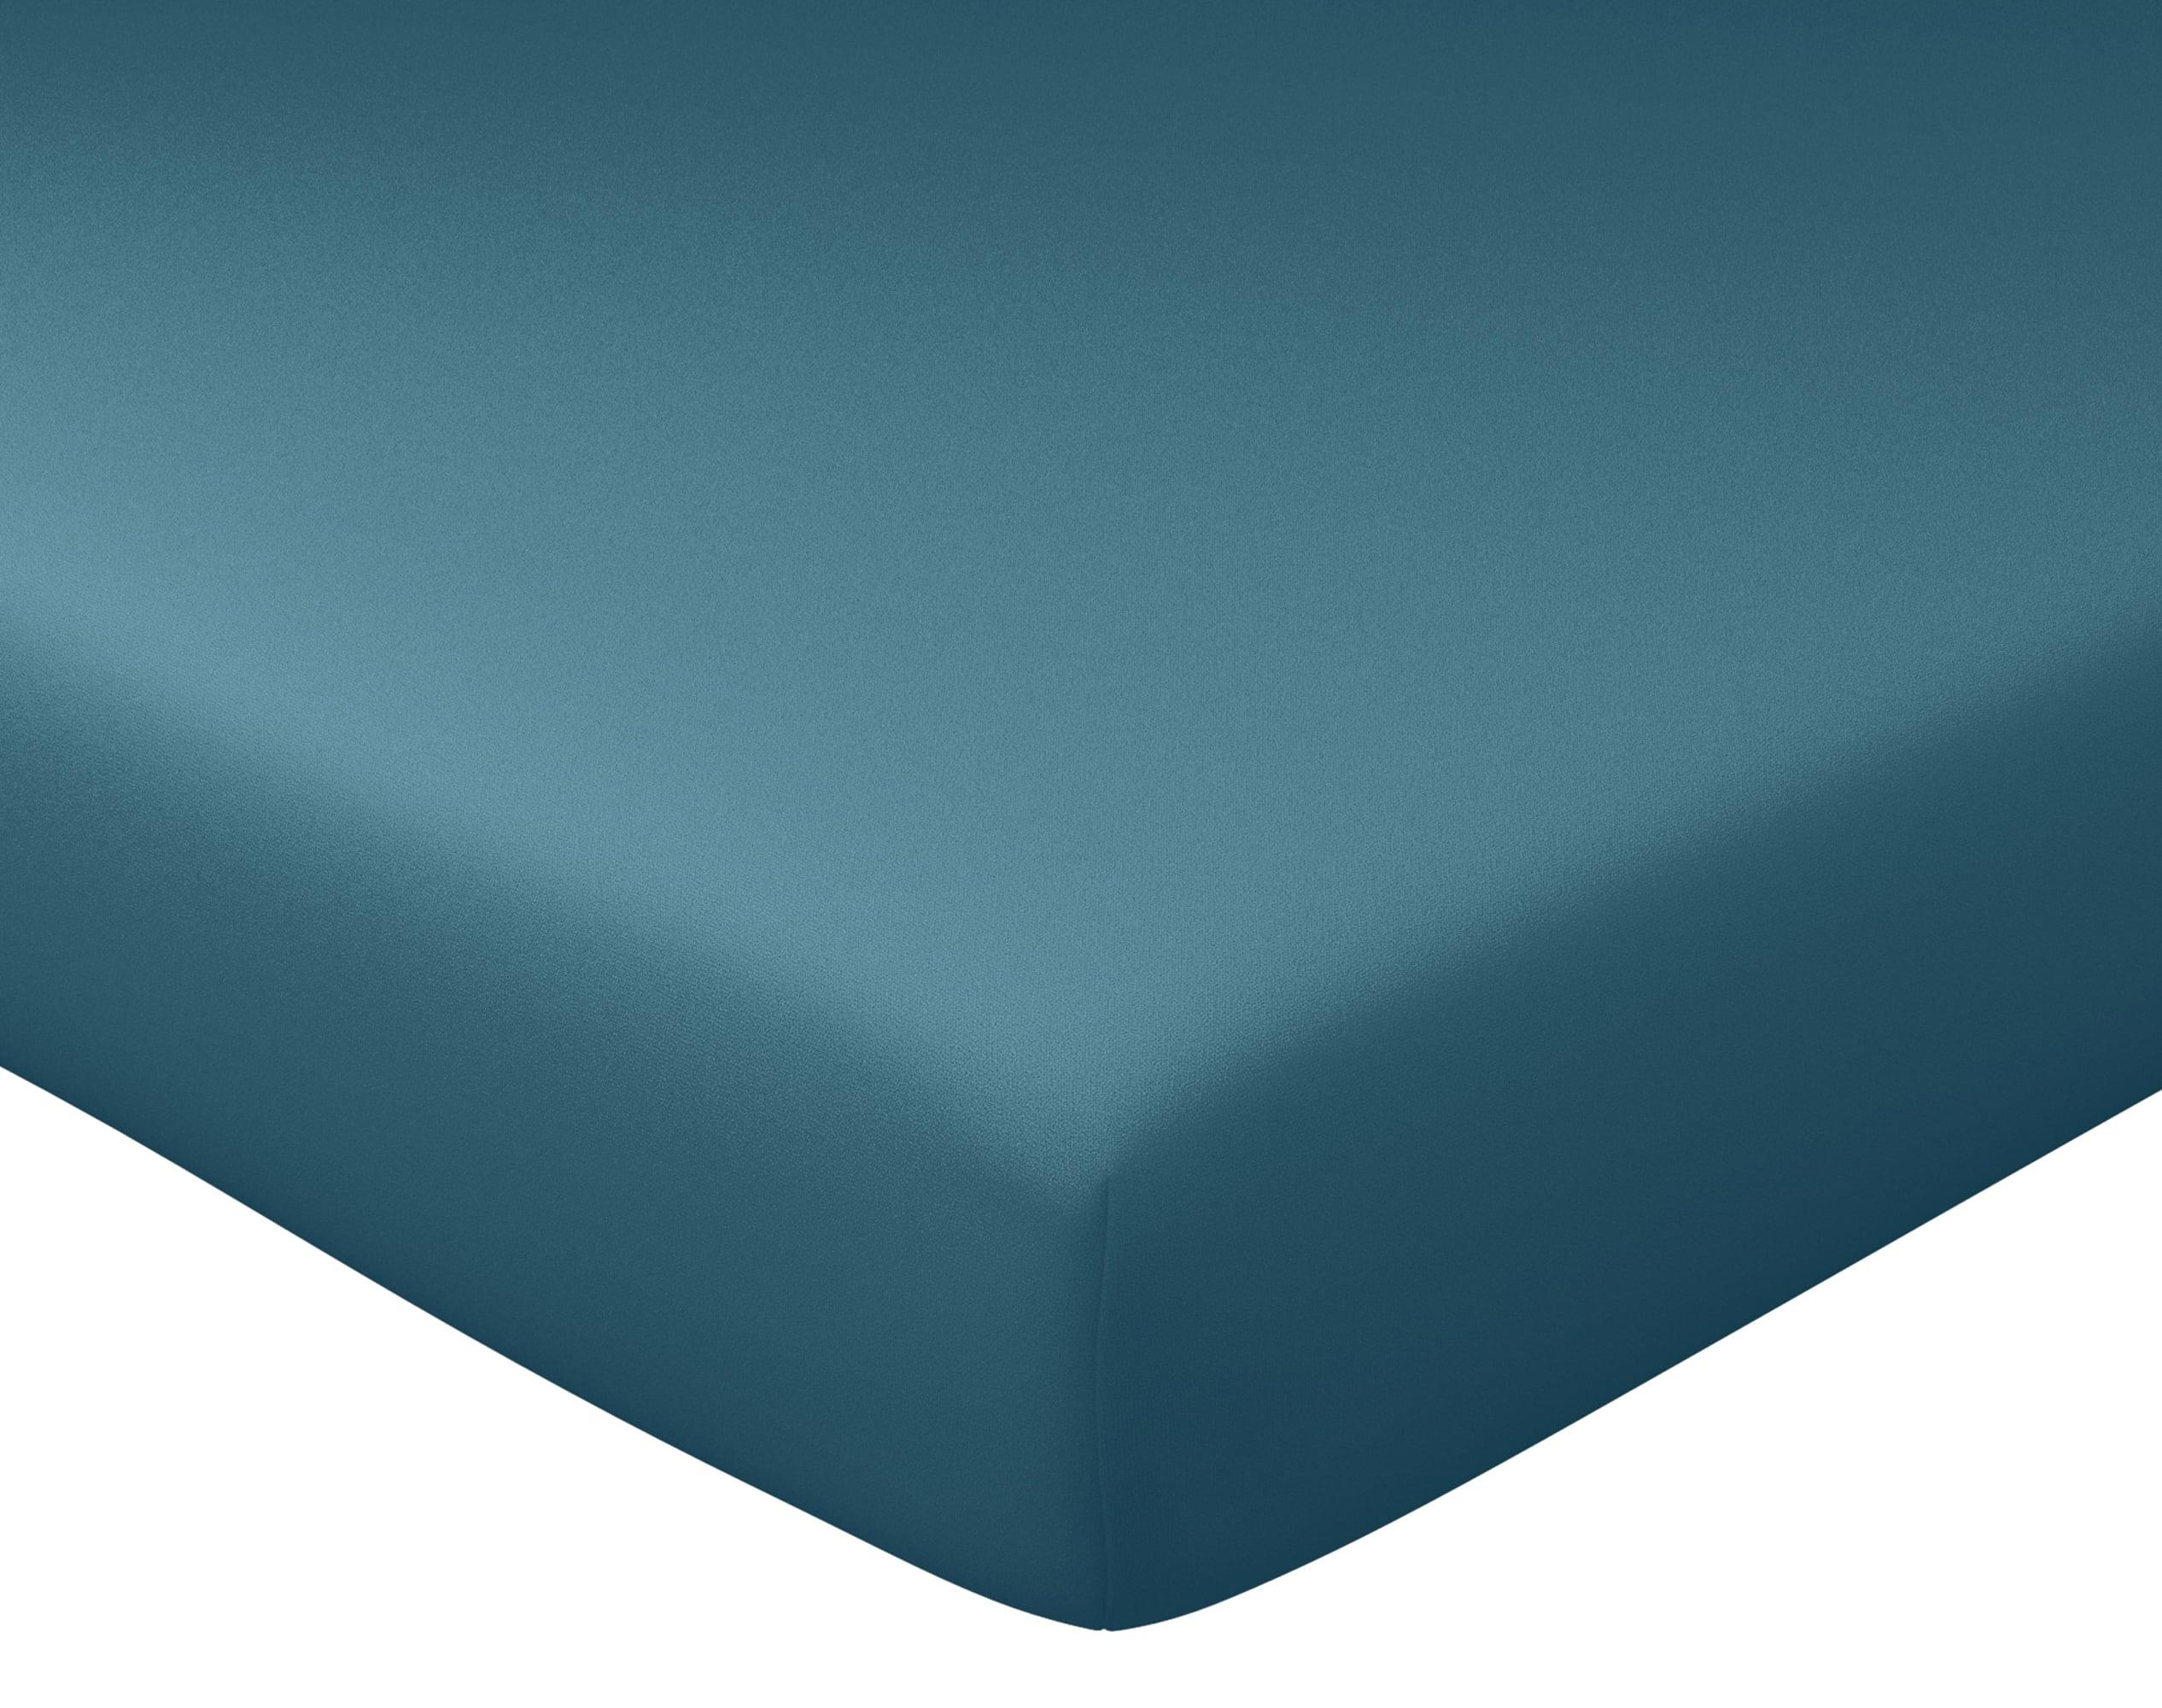 Drap-housse 180x200 en percale de coton  bleu canard